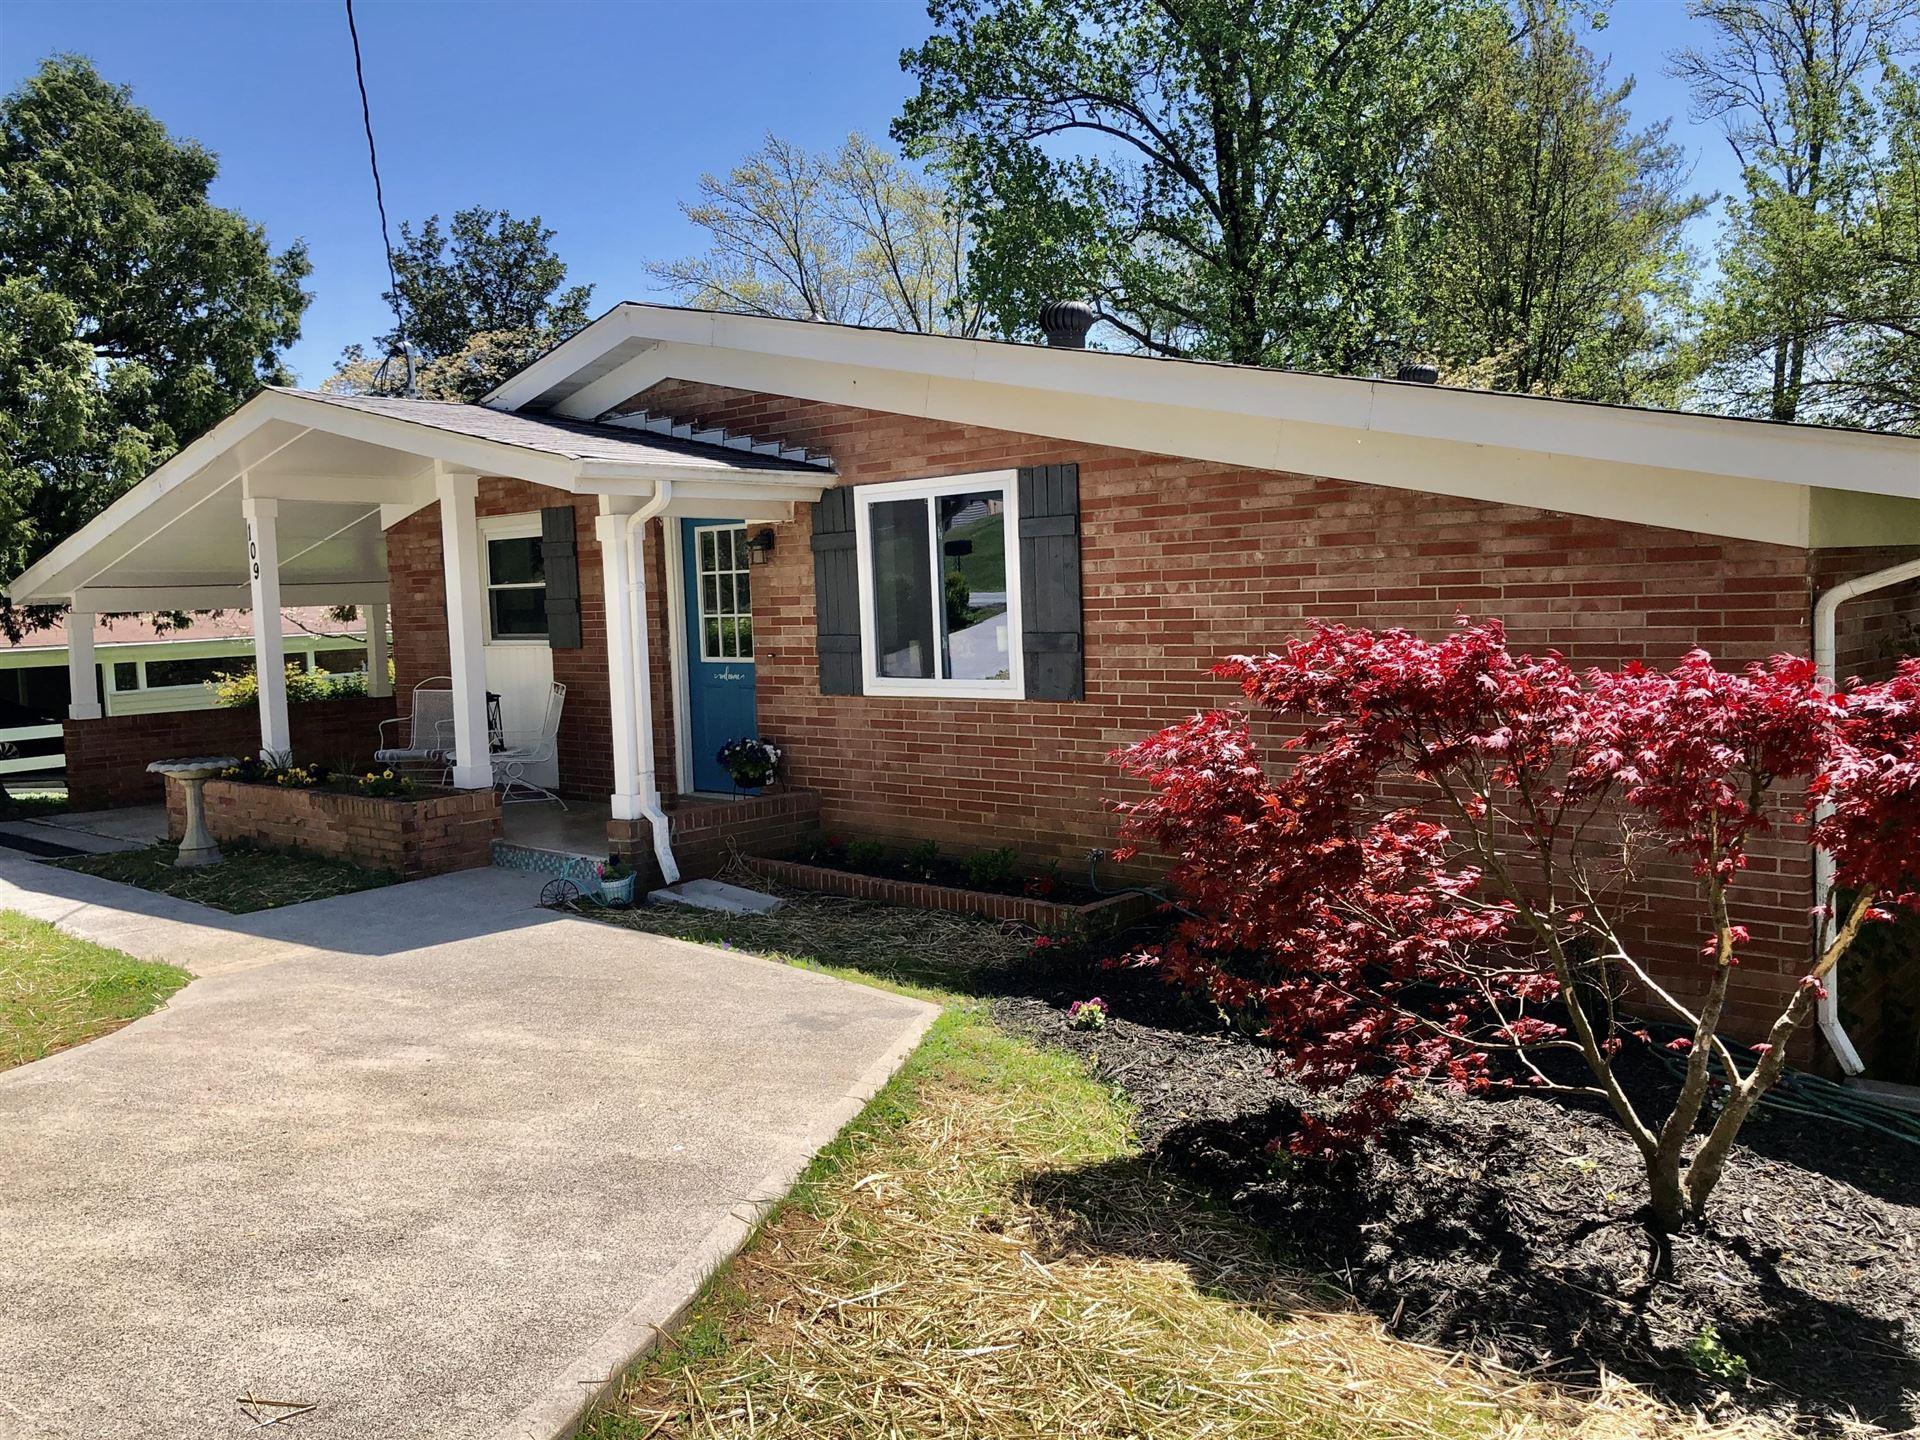 Photo of 109 Henley Rd, Oak Ridge, TN 37830 (MLS # 1149114)